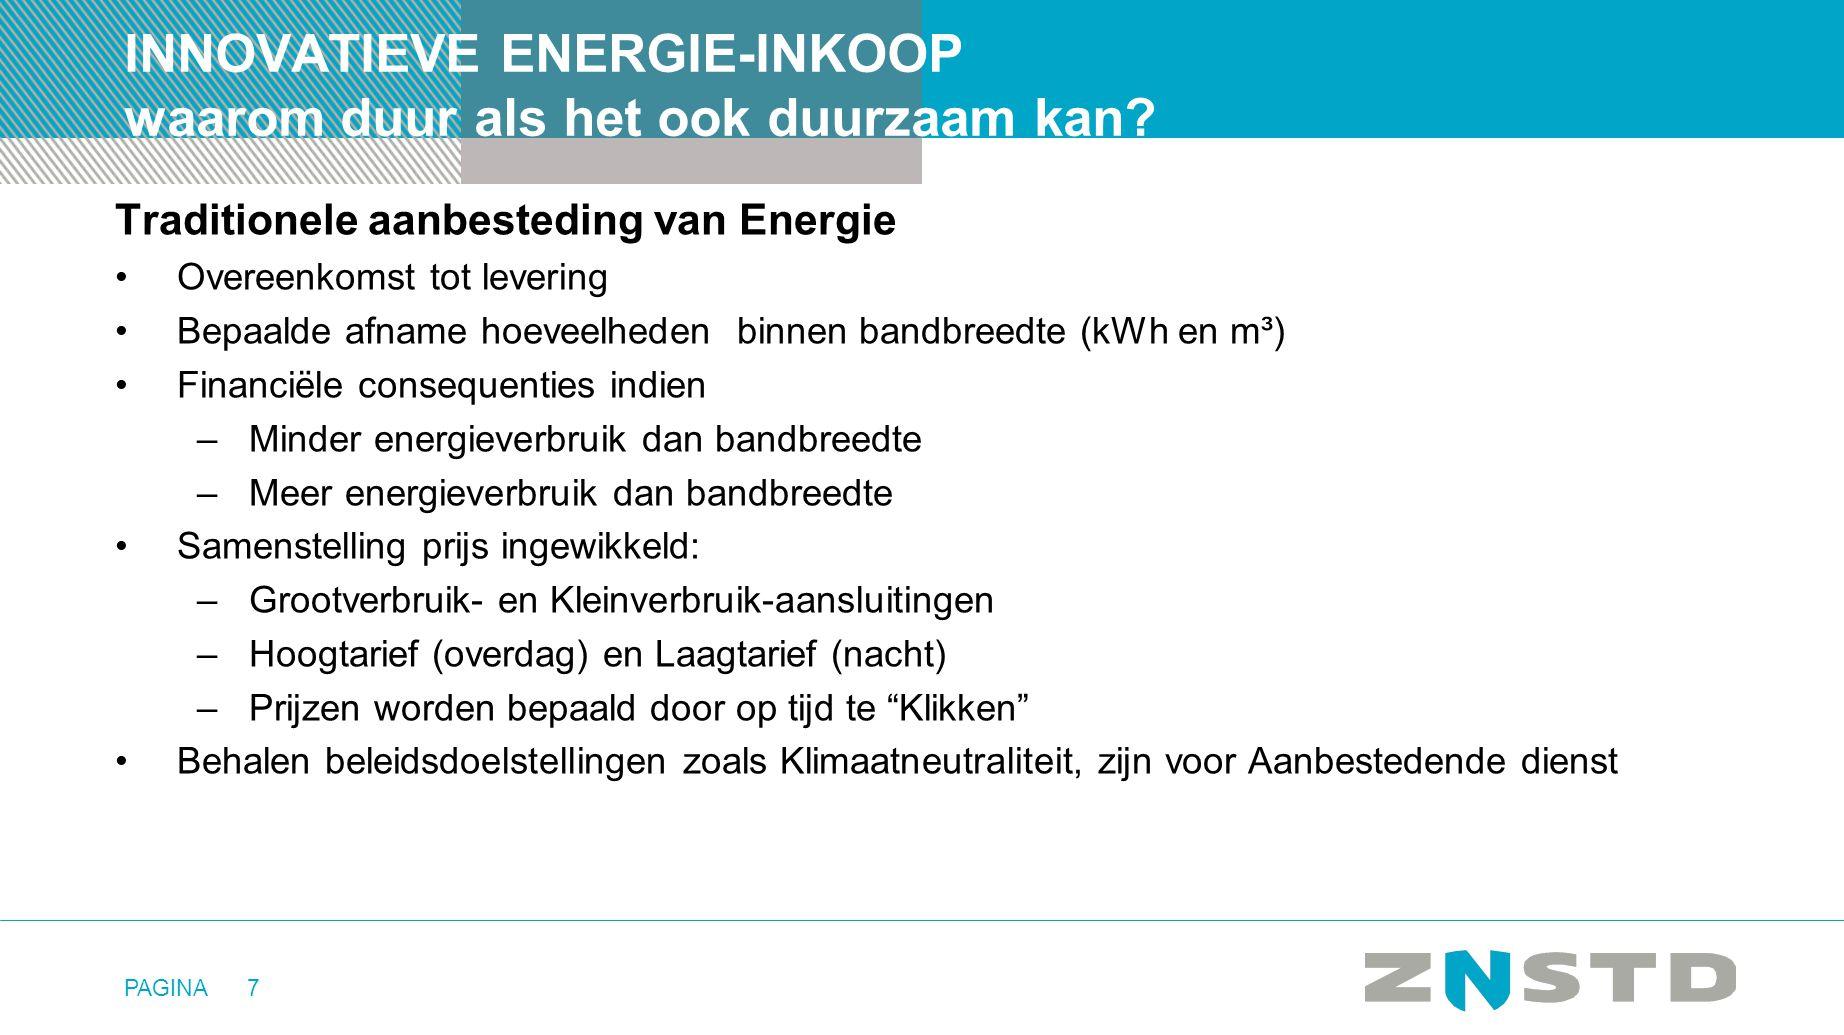 PAGINA7 INNOVATIEVE ENERGIE-INKOOP waarom duur als het ook duurzaam kan? Traditionele aanbesteding van Energie •Overeenkomst tot levering •Bepaalde af